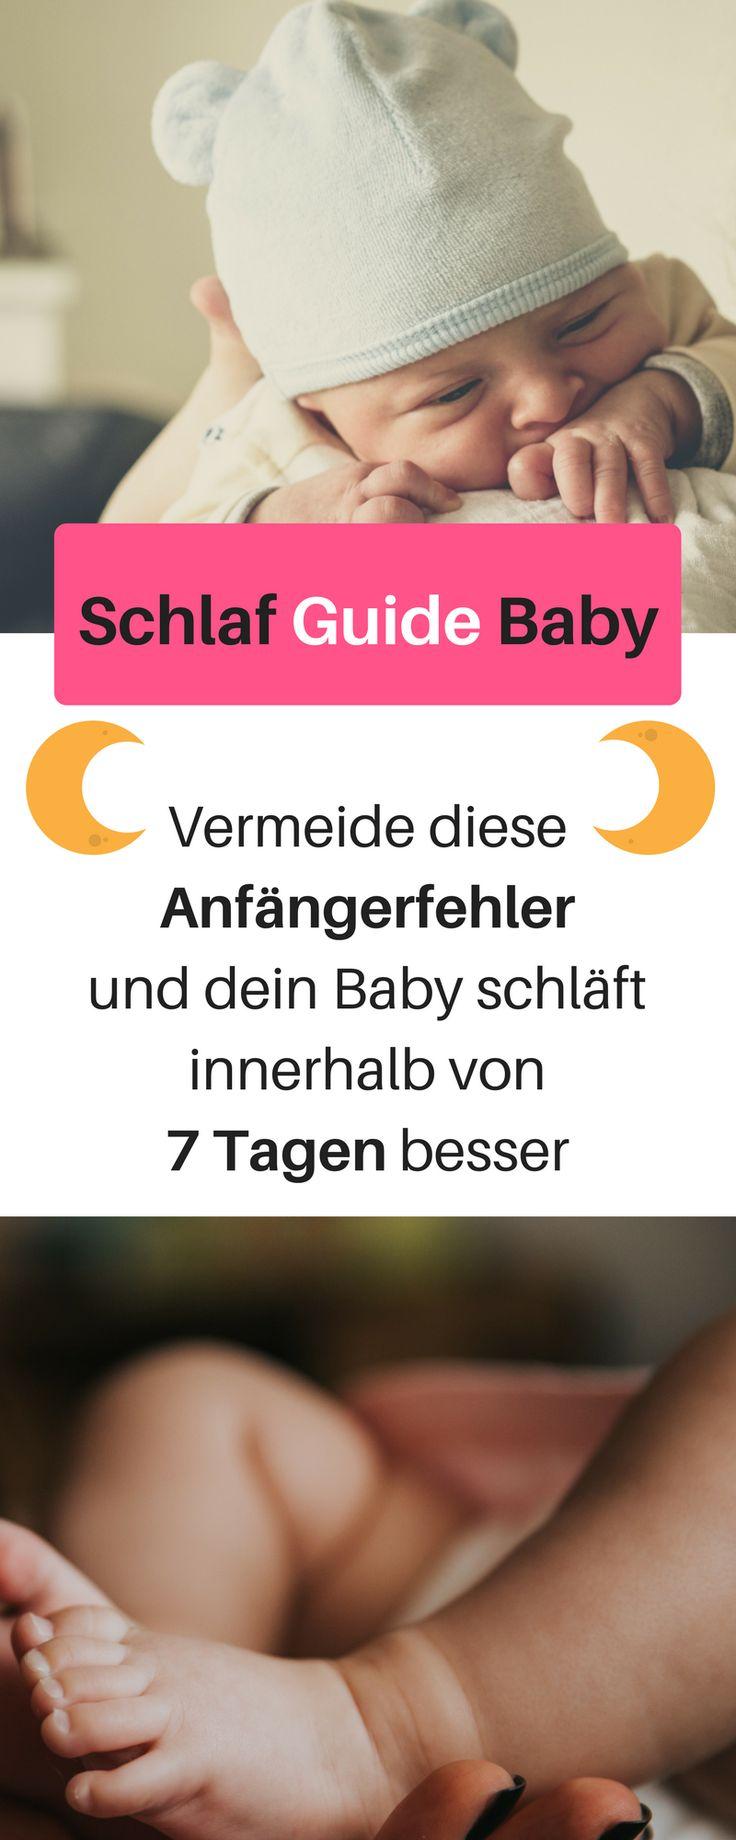 Vermeide diese Anfänger Fehler, damit dein Baby leichter einschläft und besser durchschläft. Innerhalb von 7 Tagen kann der Schlaf deines Babys deutlich besser werden. Baby Schlafprogramm, Baby einschlafen, Baby schlafen, 3 Monats Koliken, Baby schreien lassen, Baby weint, Einschlafritual Baby #baby einschlaftrick taschentuch